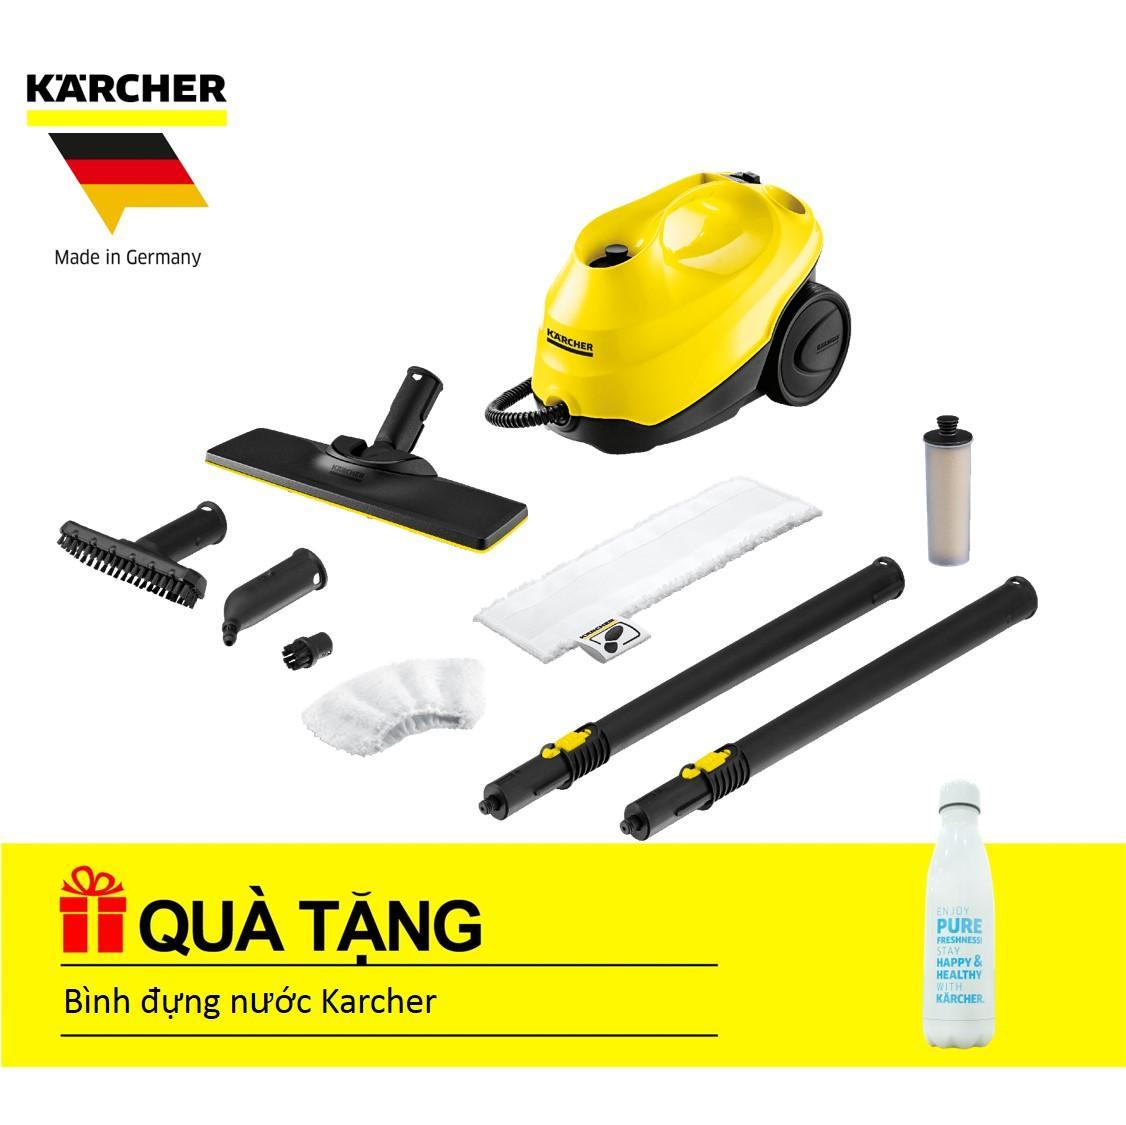 Máy làm sạch và lau sàn Karcher SC 3 easyfix tặng bình đựng nước trị giá 500k